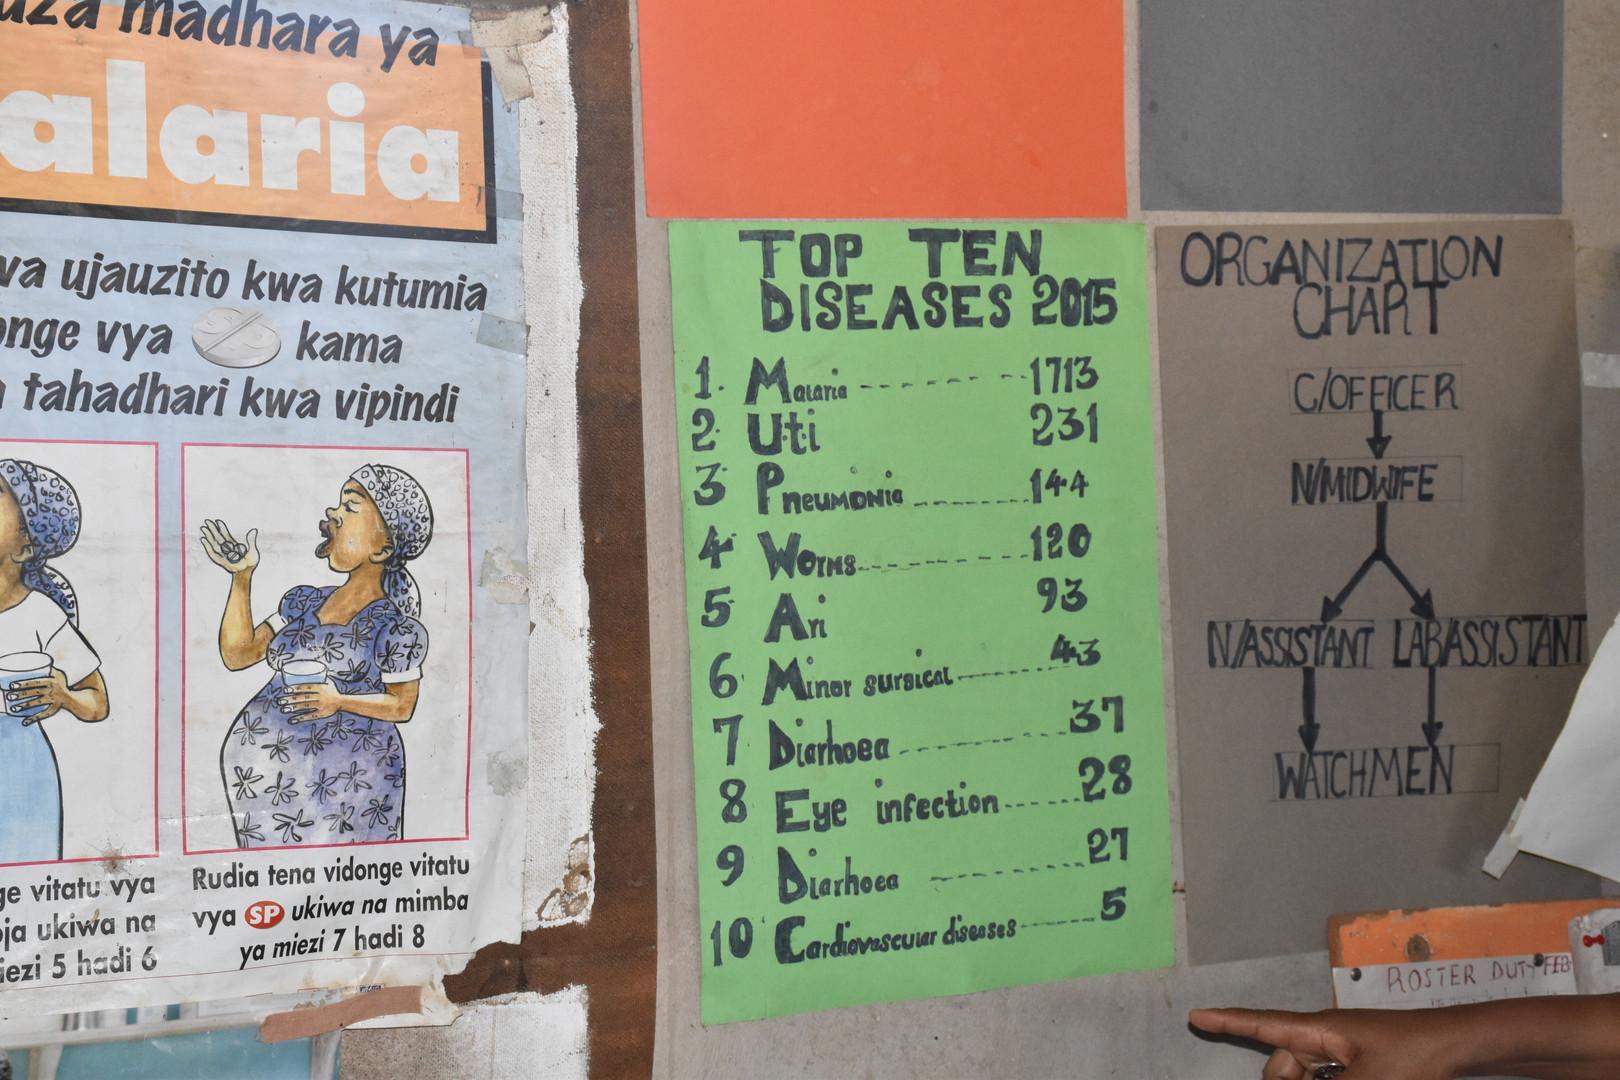 Kipalapala Dispensary